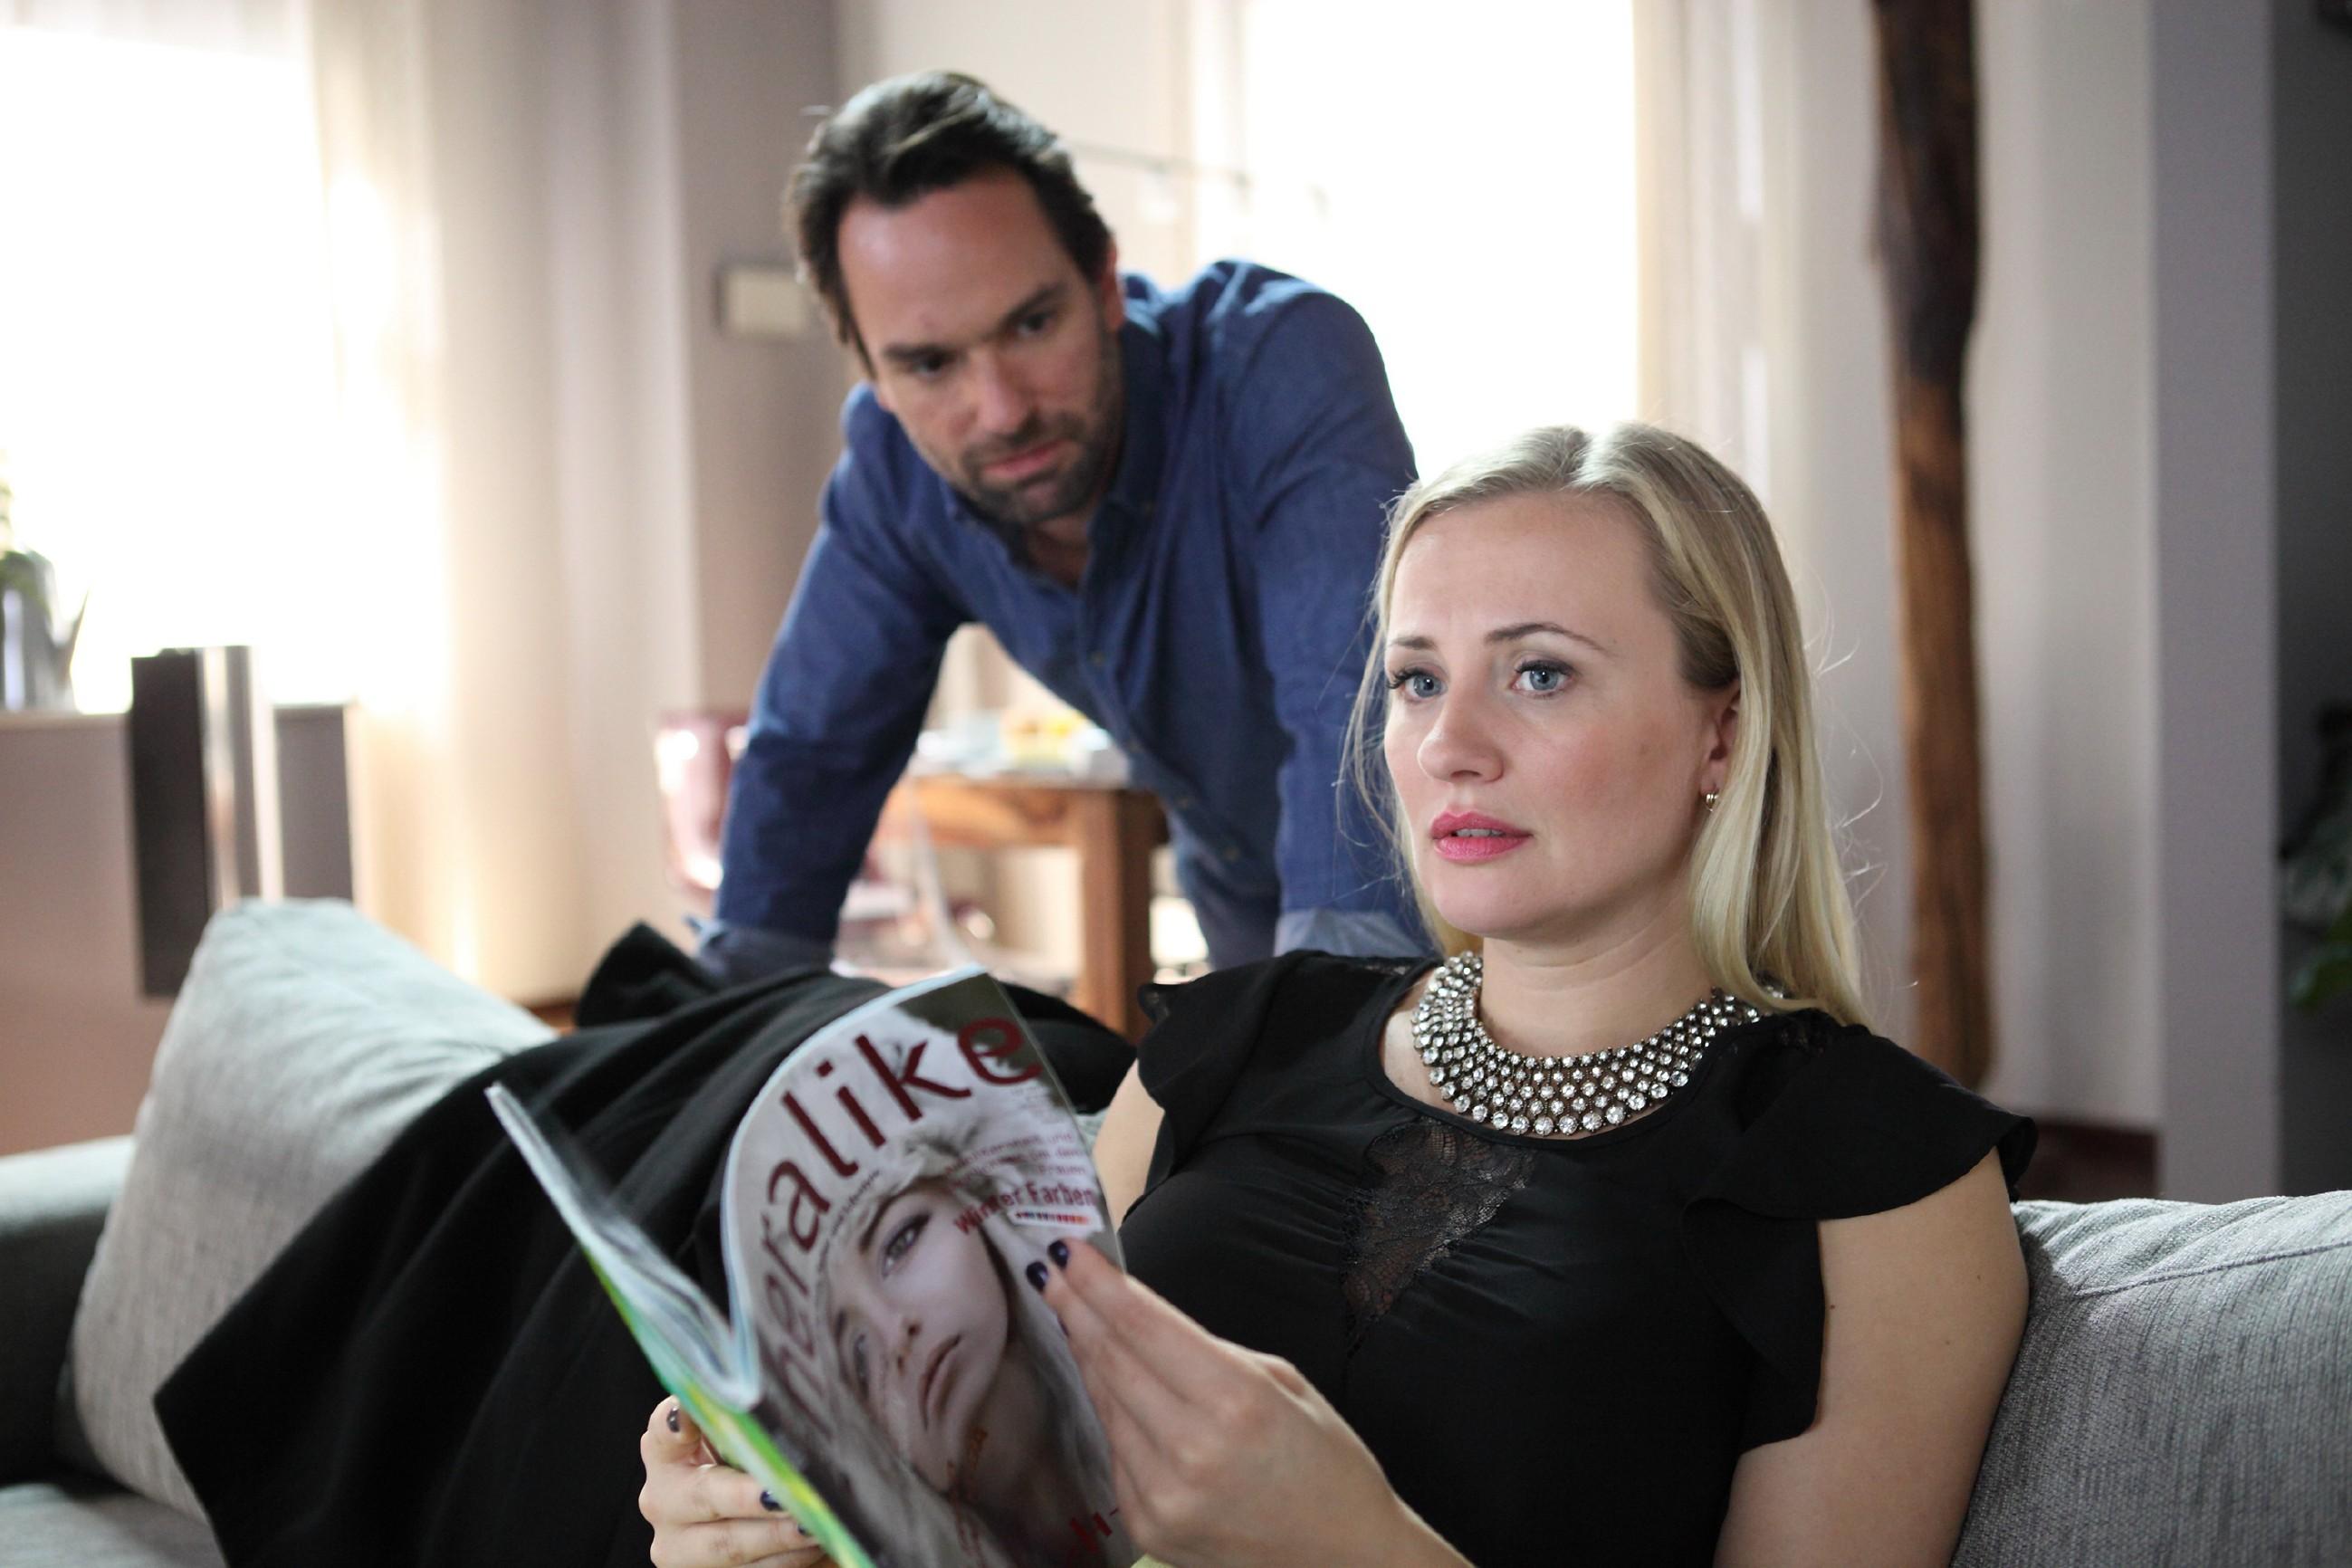 Wird Isabelle (Ania Niedieck) den Mut finden, Thomas (Daniel Brockhaus) ihre Gefühle zu gestehen?